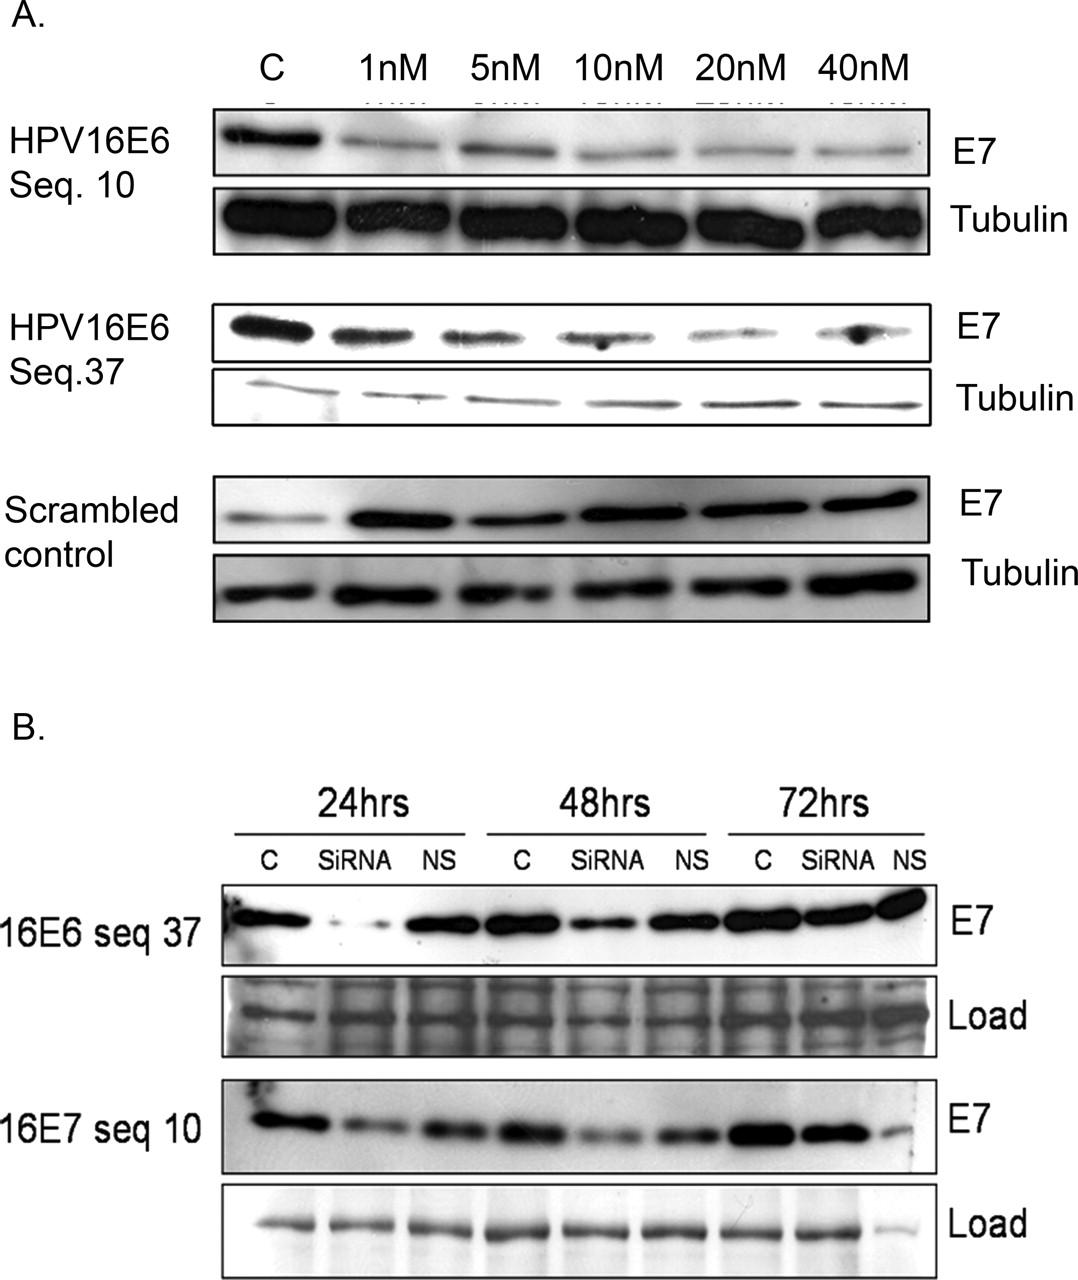 résultat hpv oncogène positif